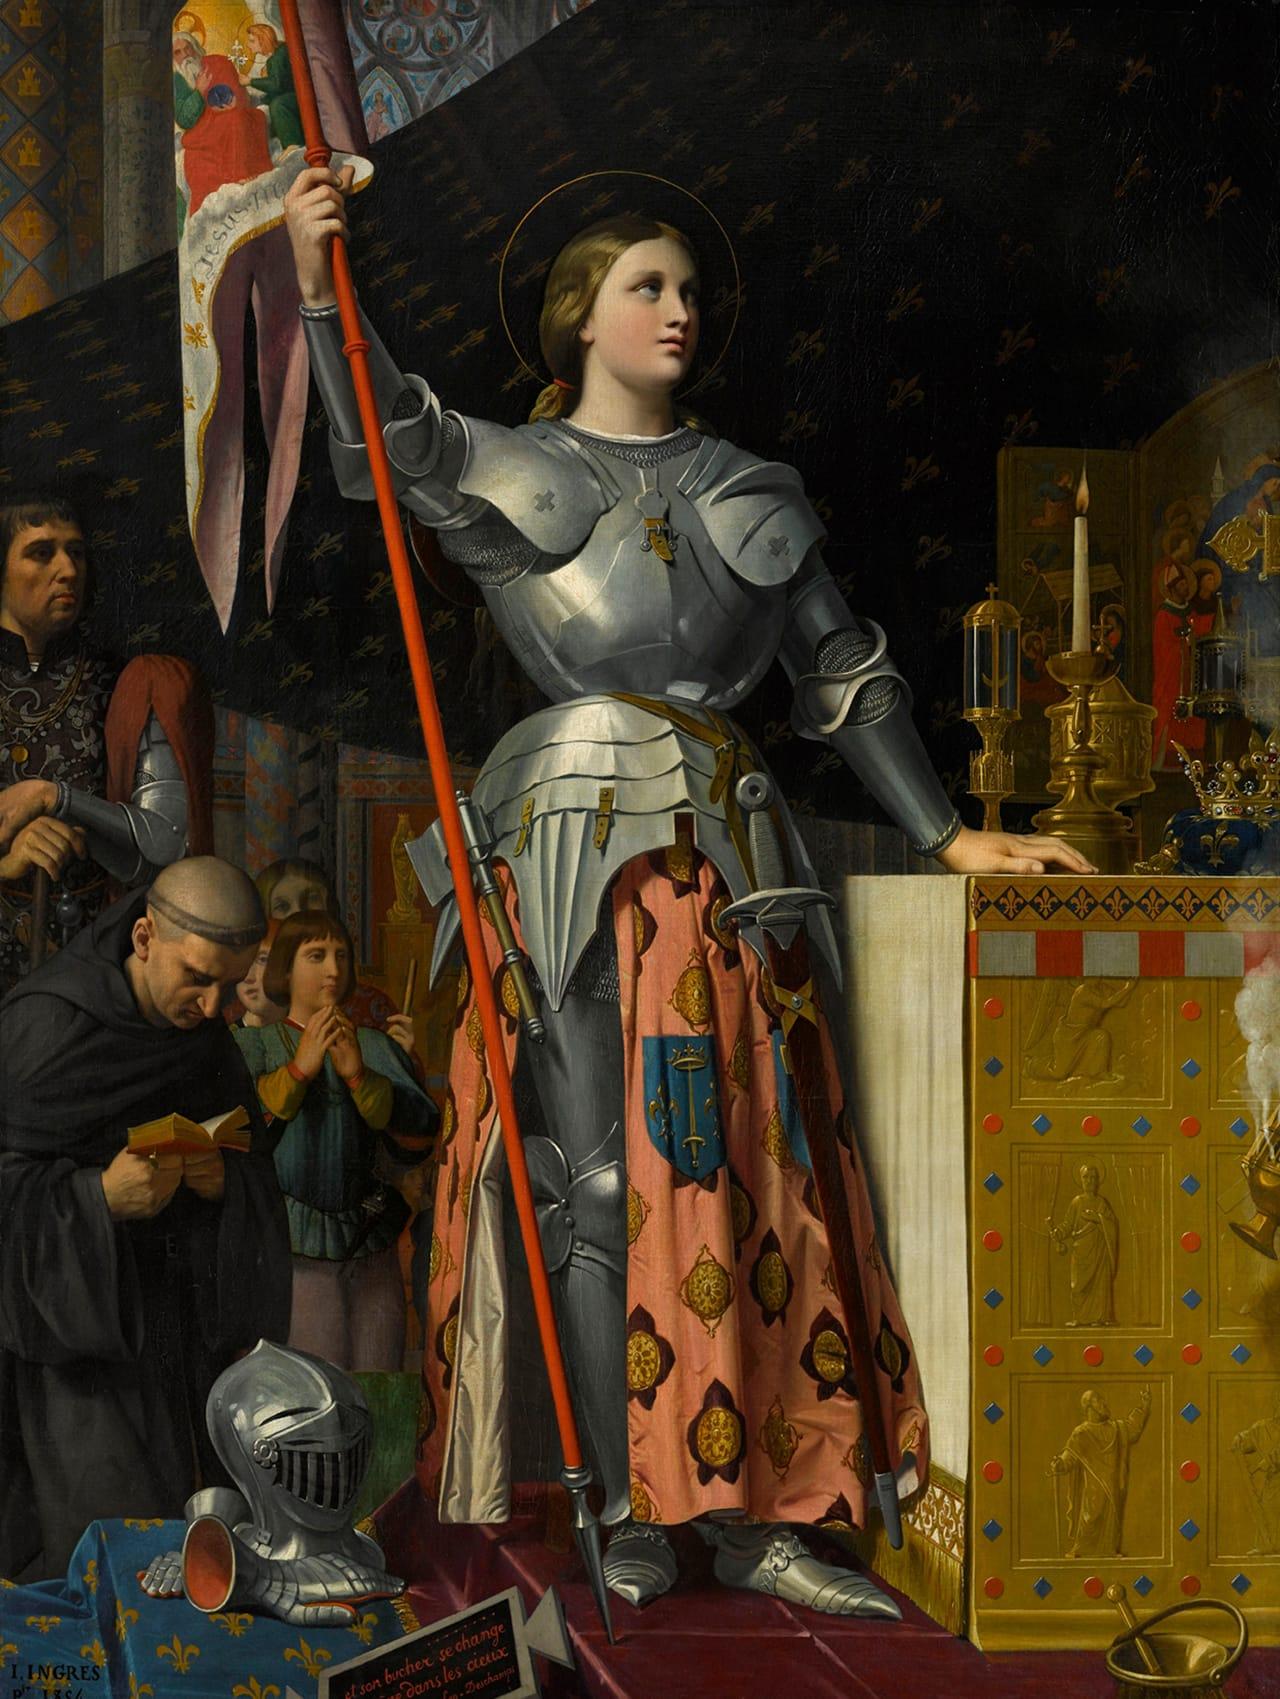 Thánh Jeanne d'Arc (1412-1431)